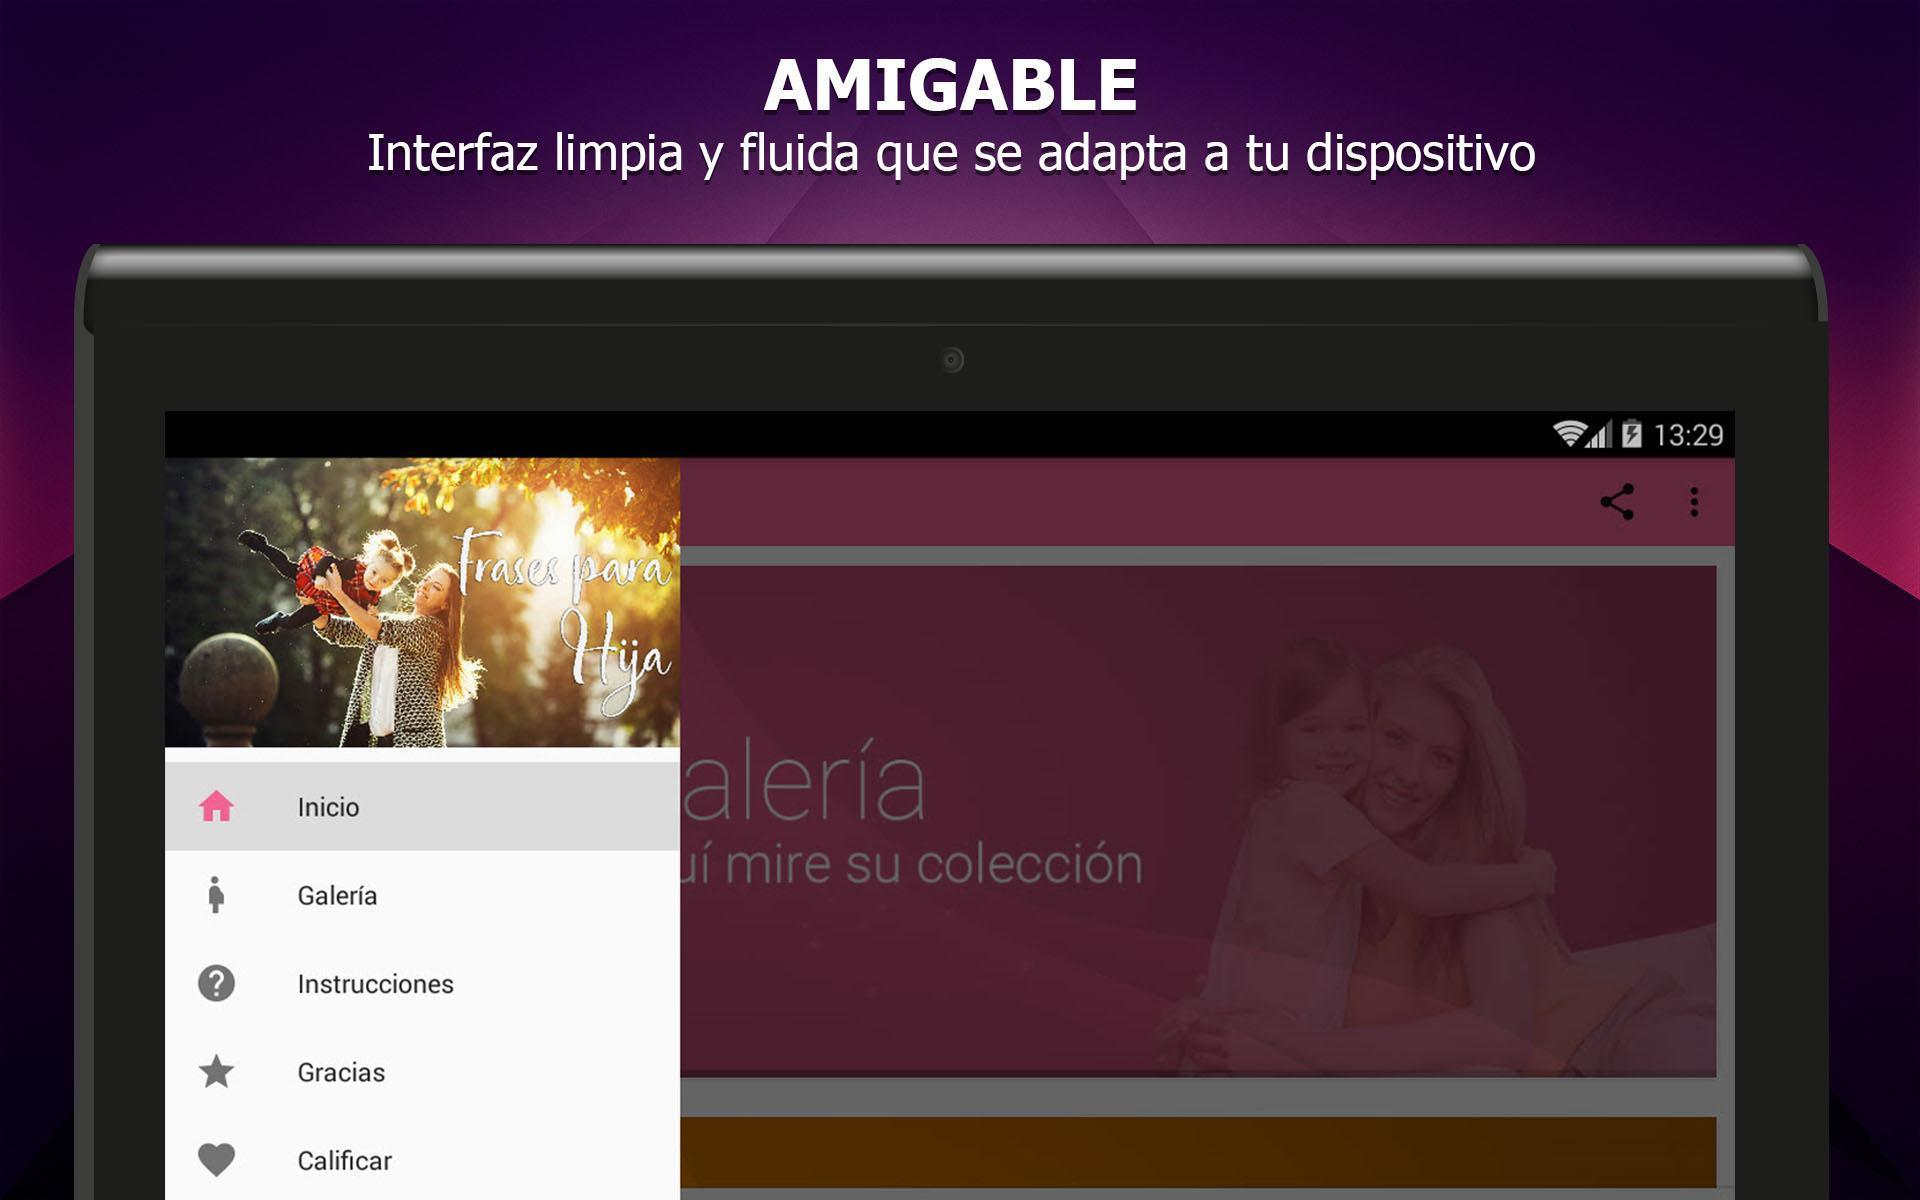 Frases Bonitas Para Mi Hija For Android Apk Download